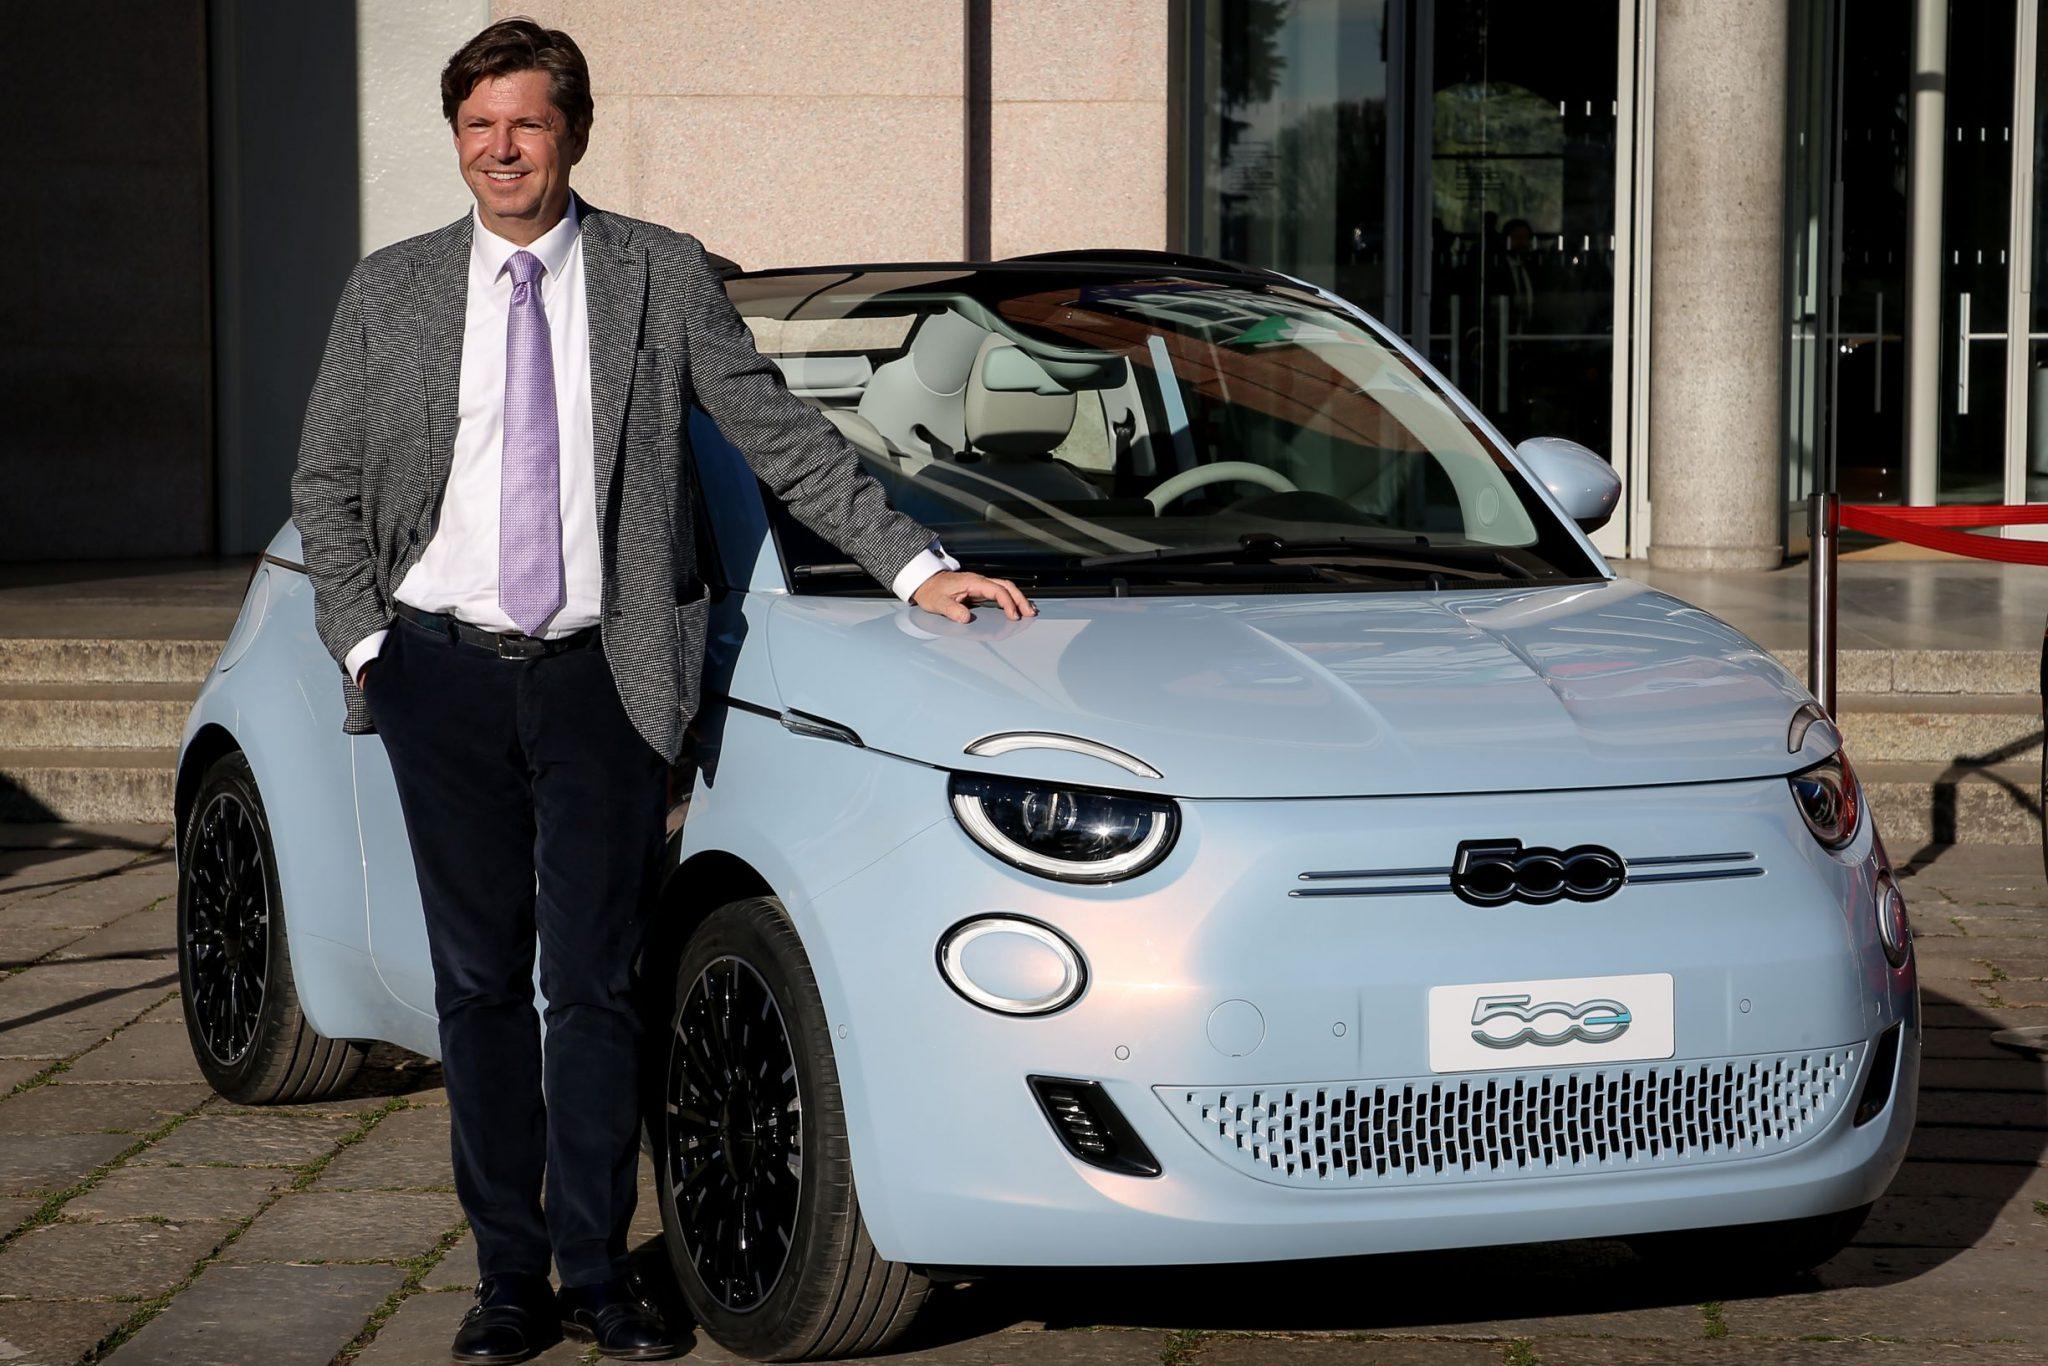 FIAT 500 Elettrica con Olivier Francois